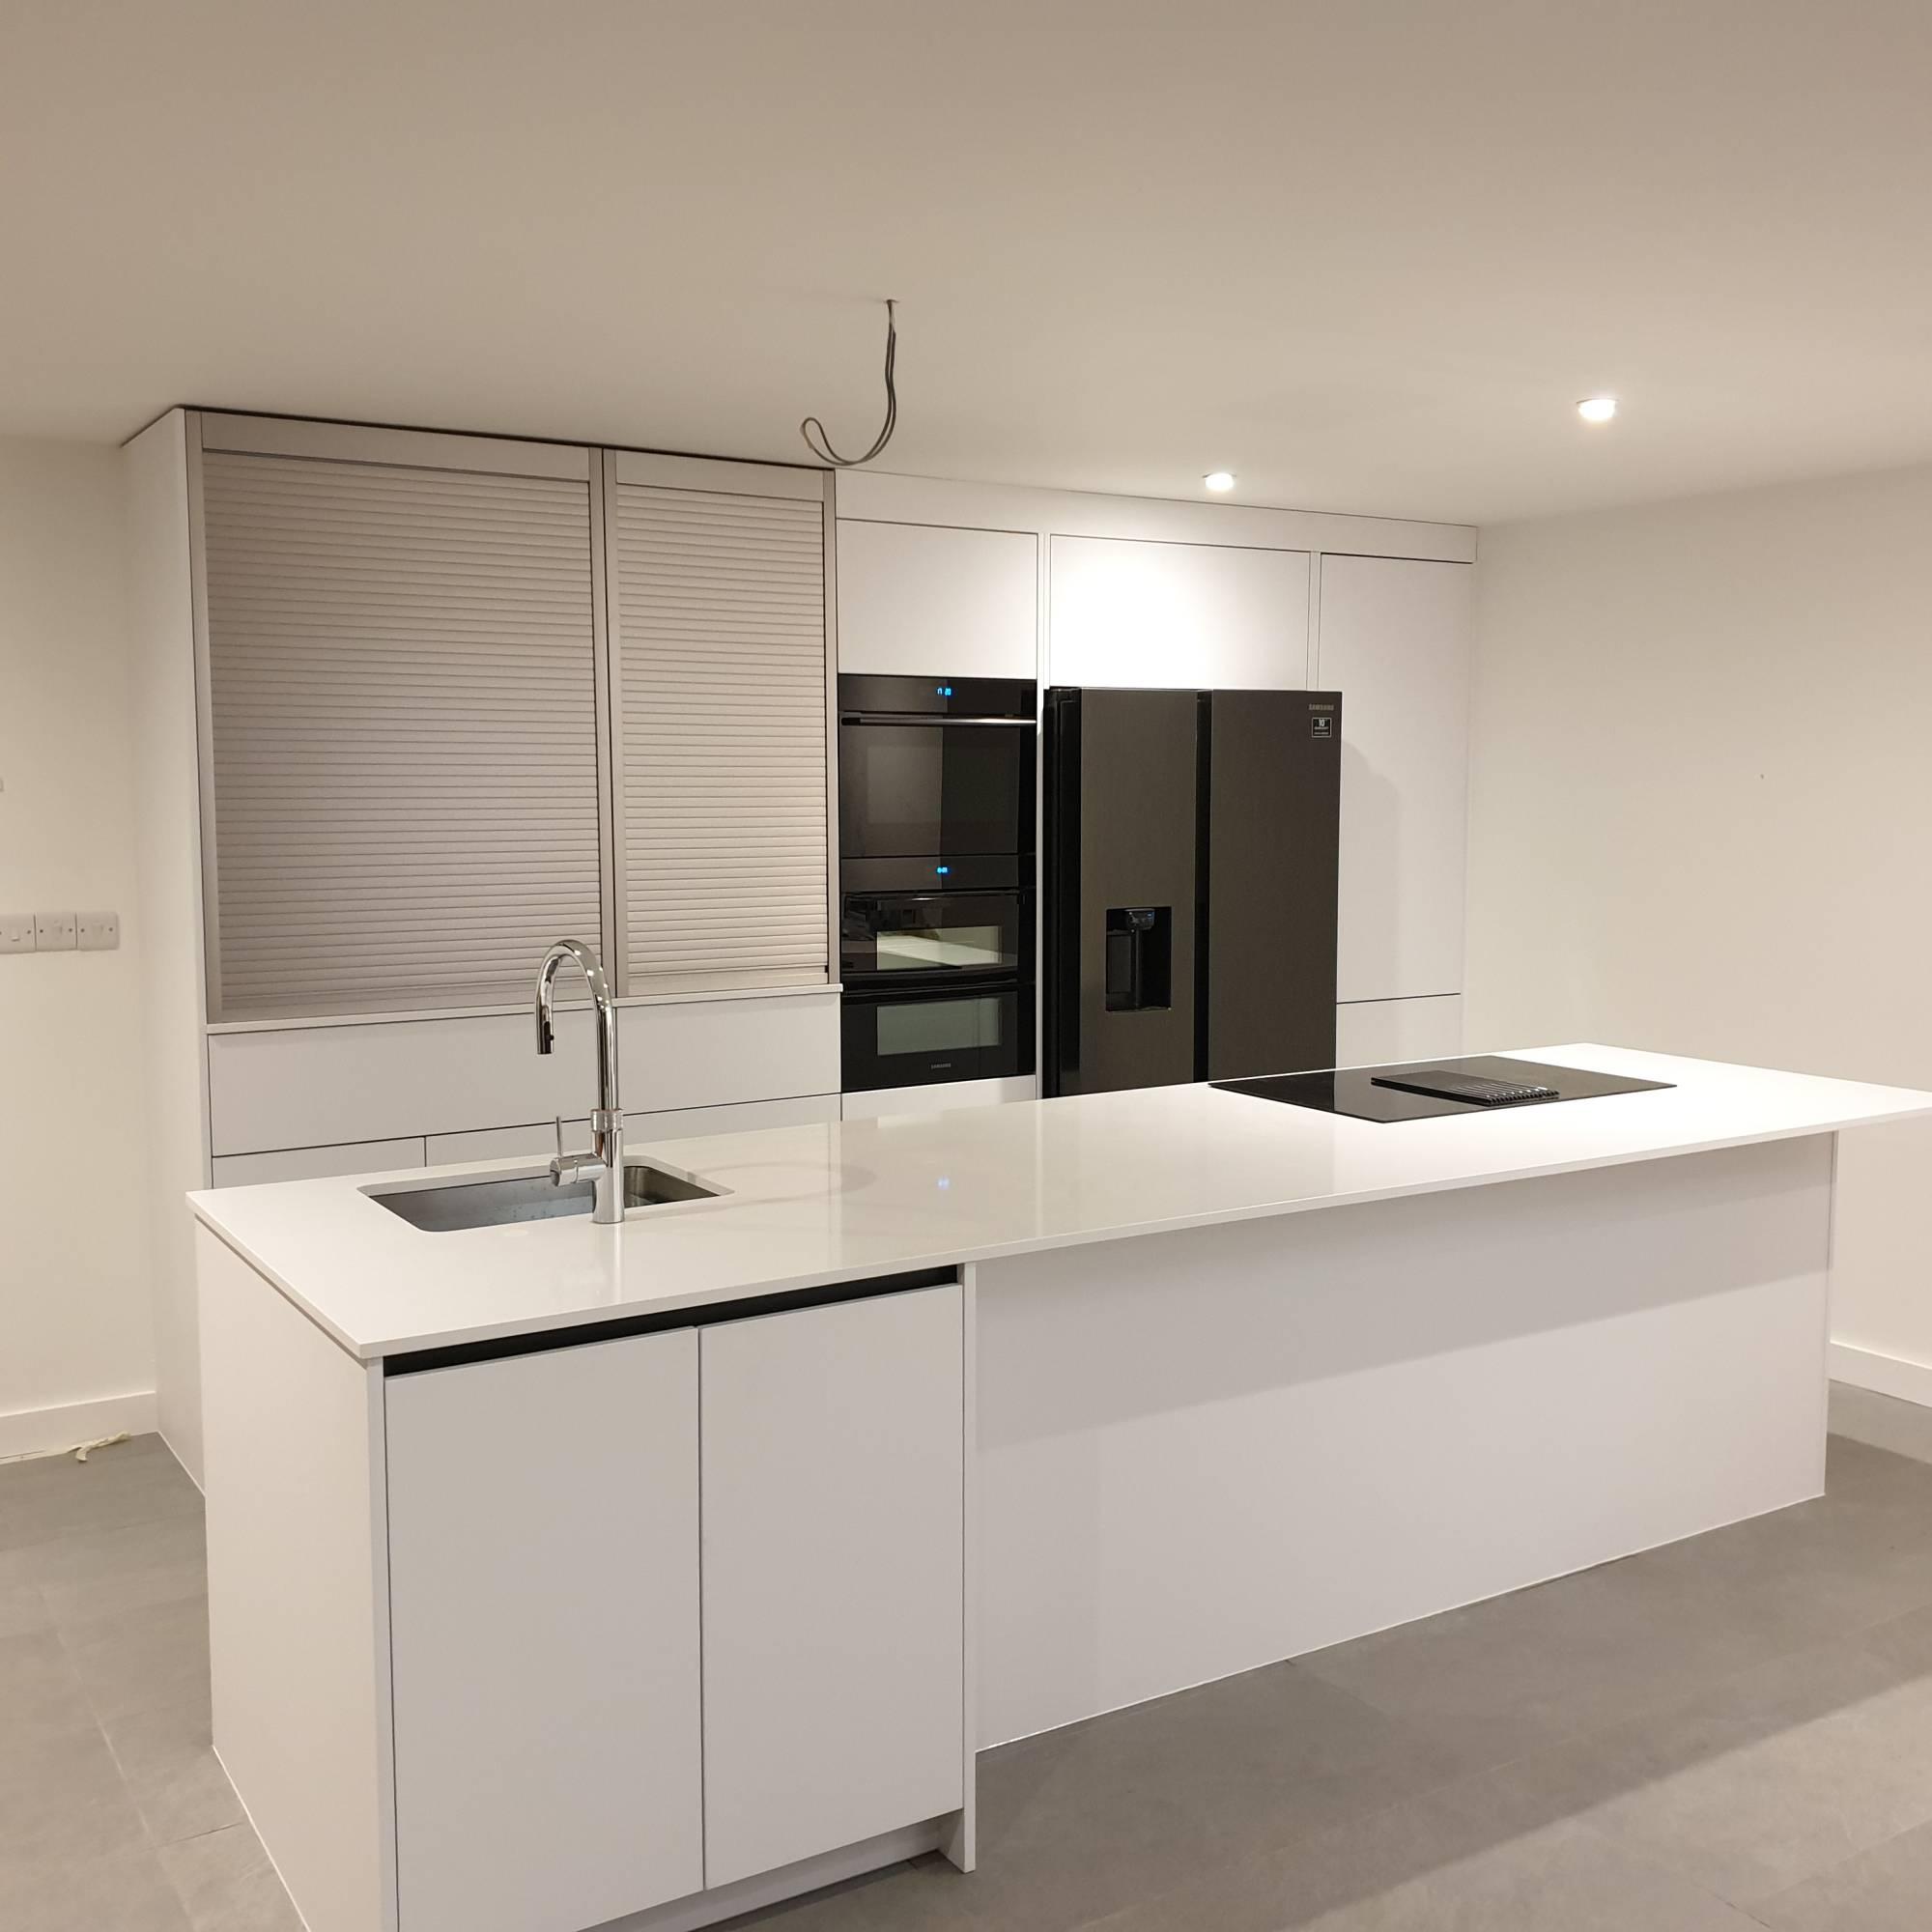 Kitchen Design Tunbridge Wells: Kitchen Fitter - Tunbridge Wells